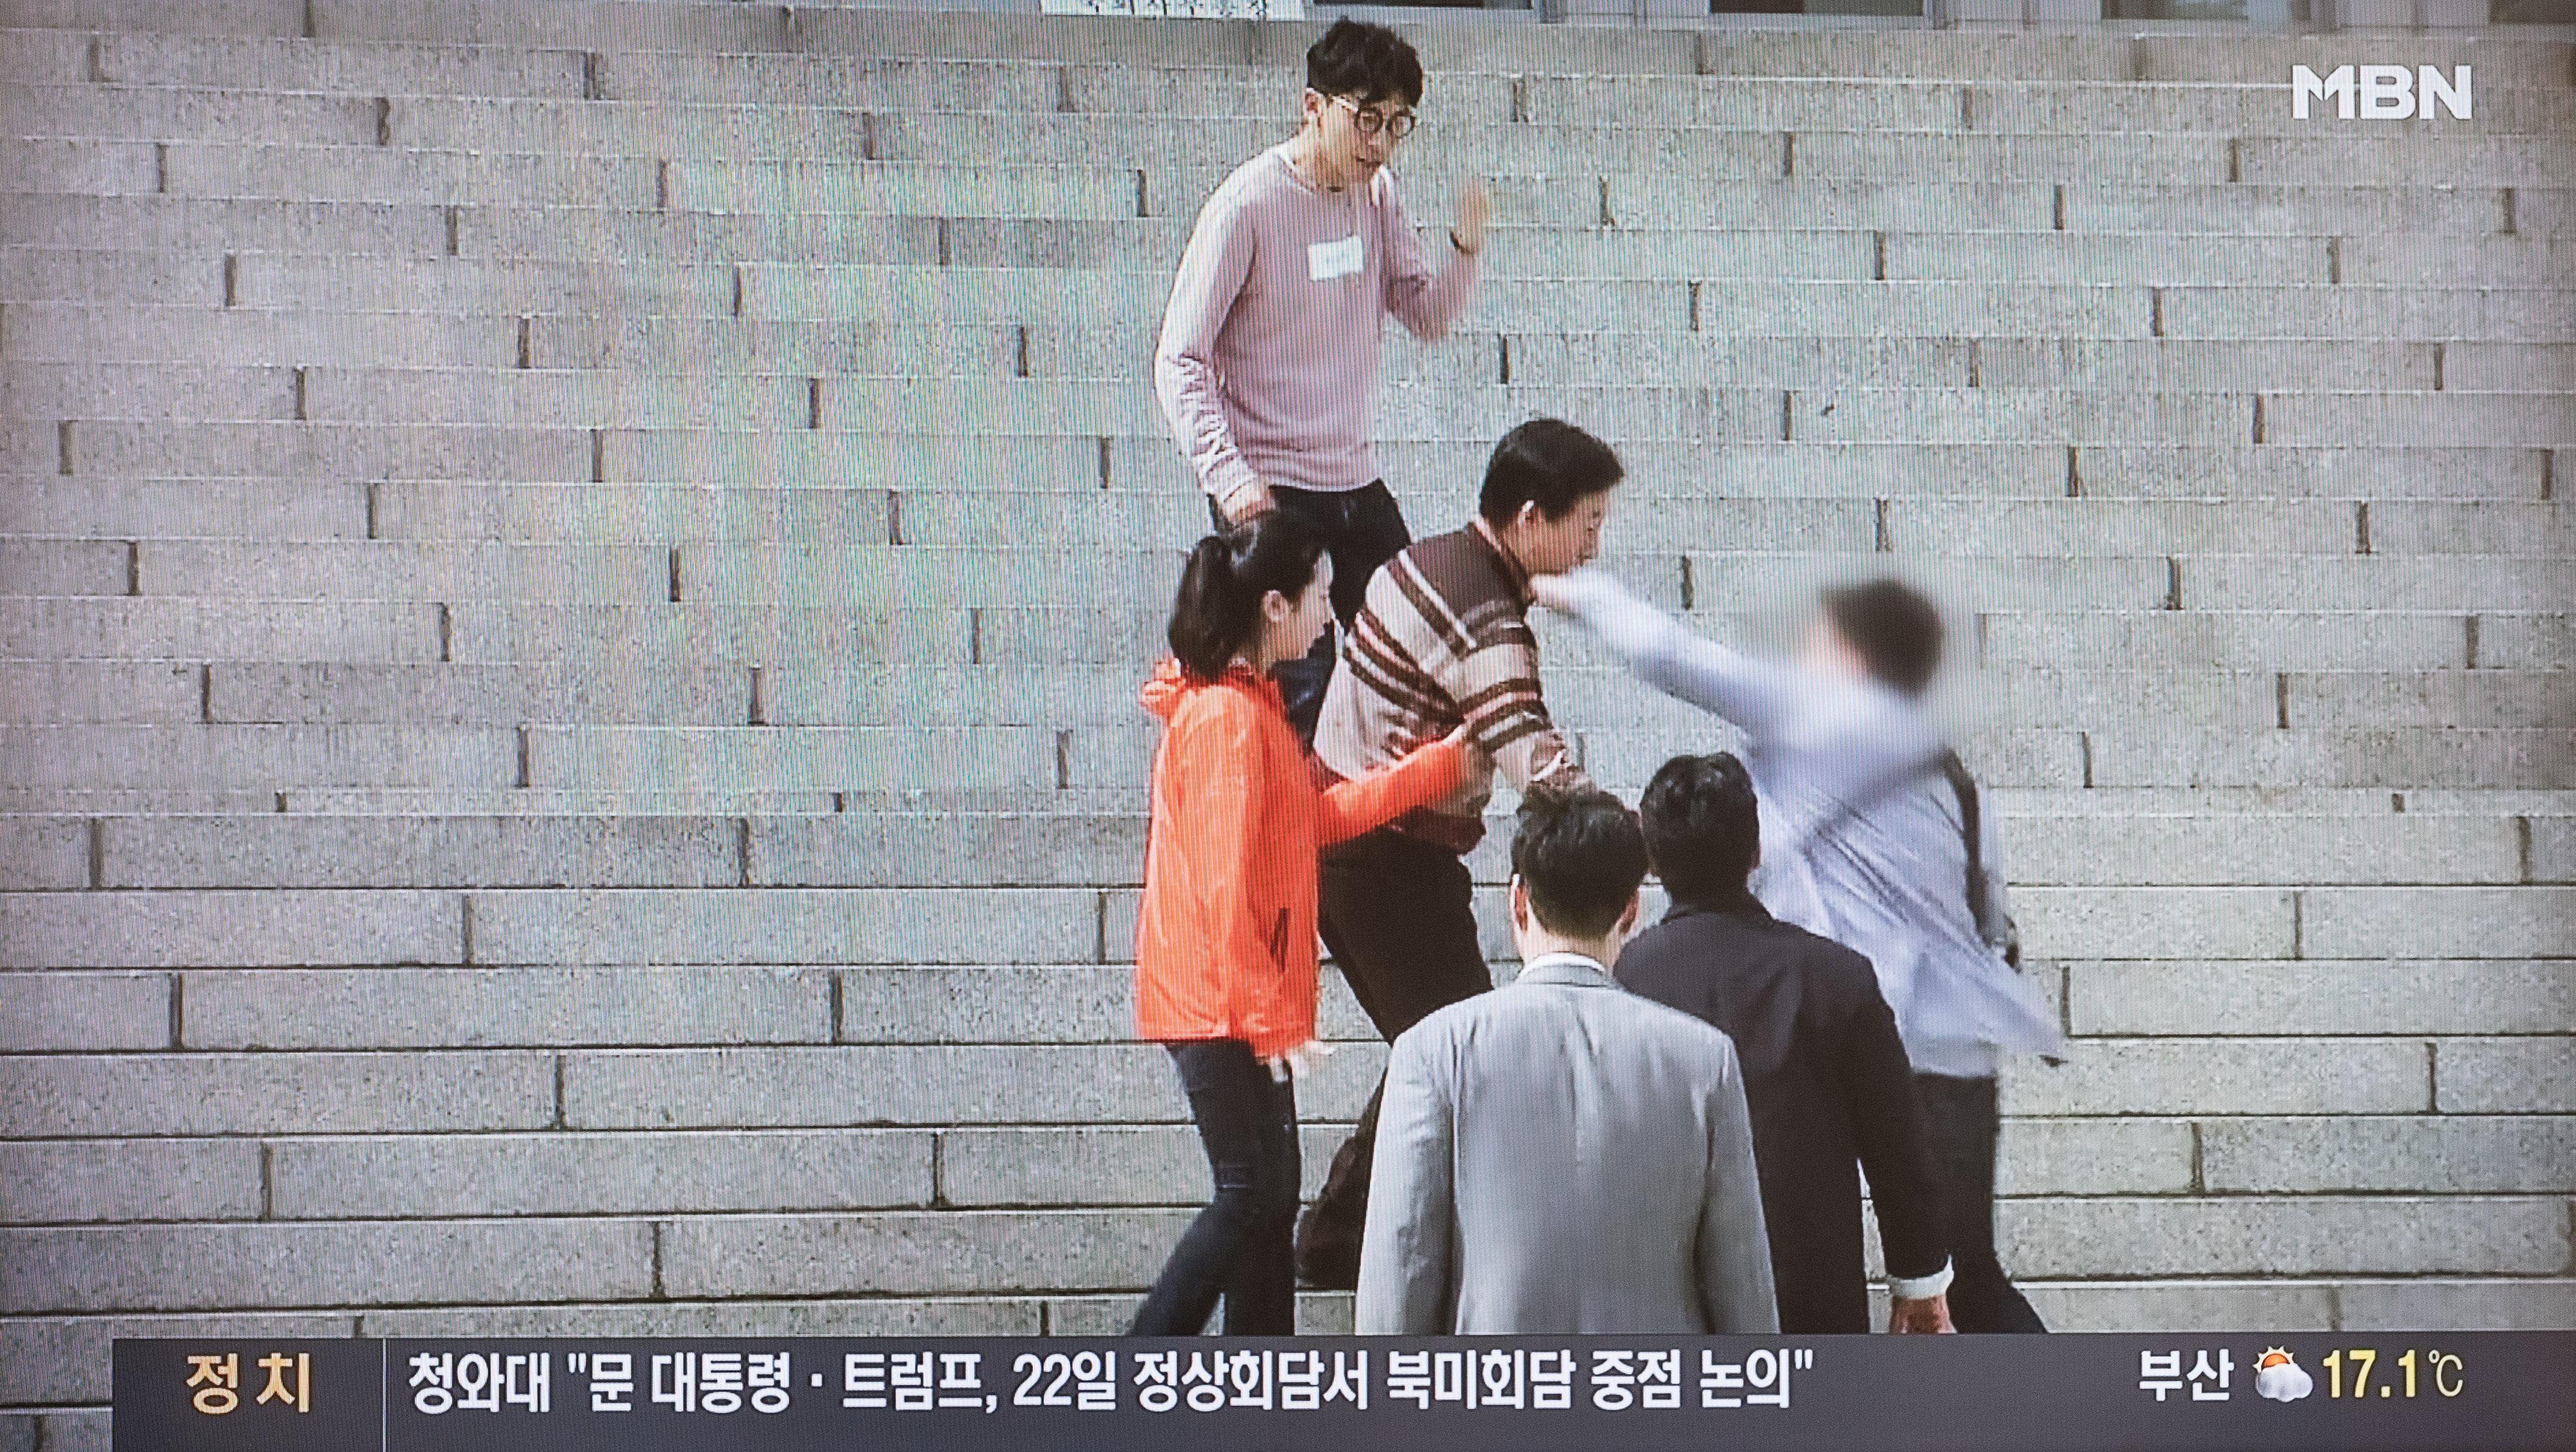 '김성태 폭행범'이 경찰 조사를 받으며 인터넷에 남긴 댓글들